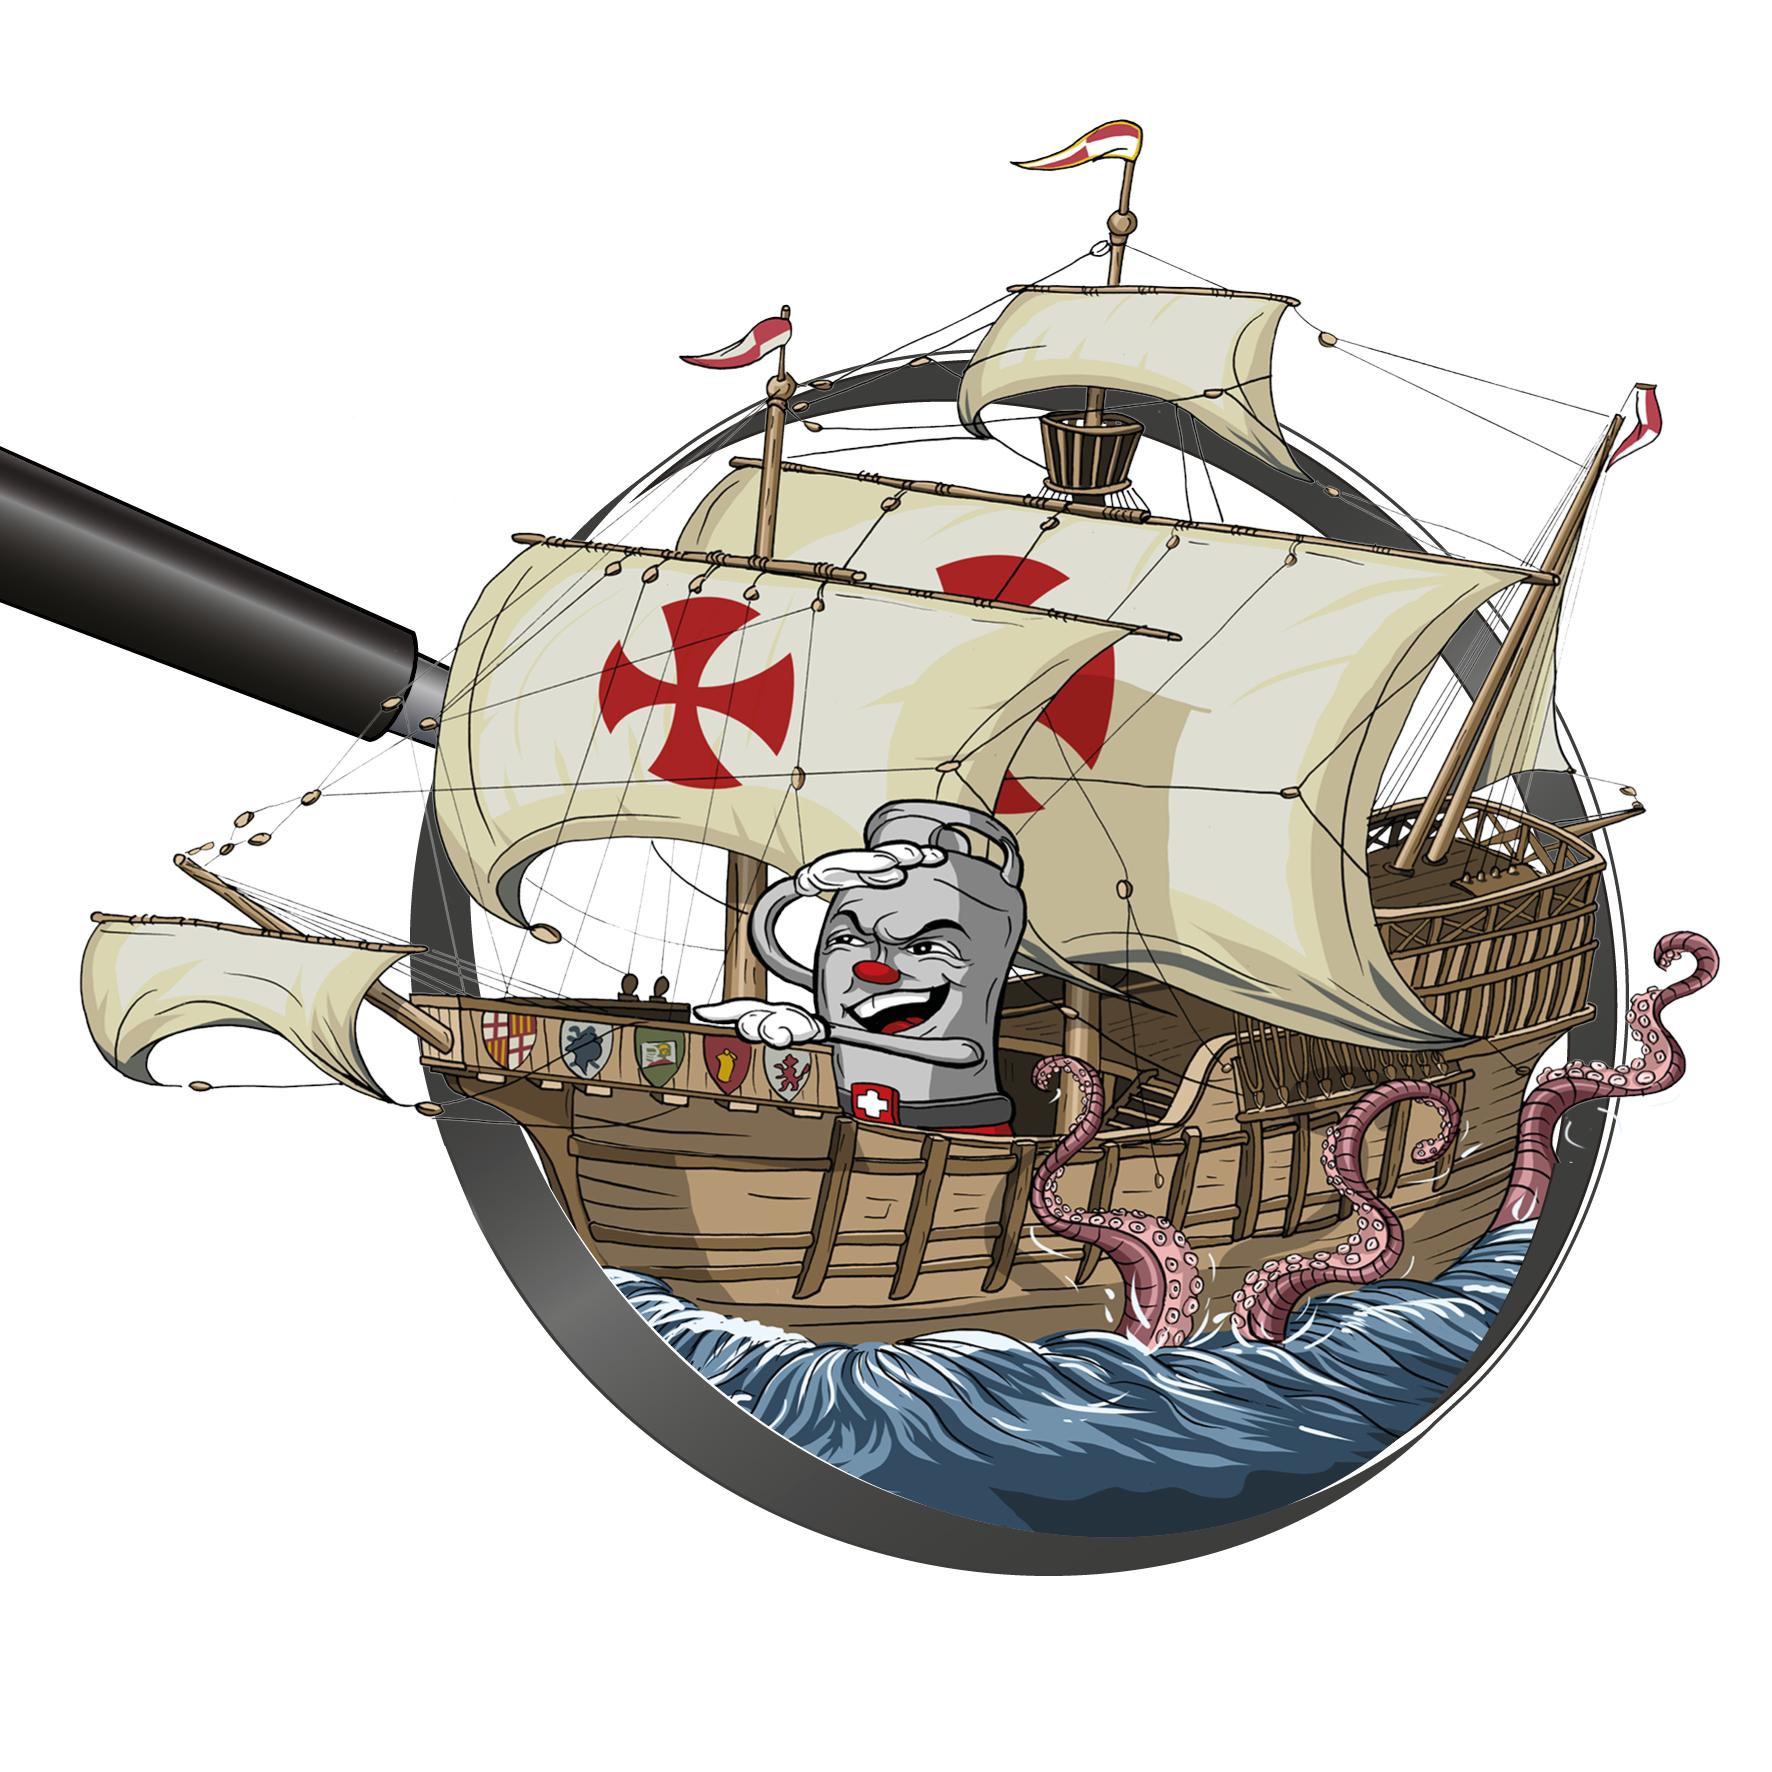 Zeichnung / Illustration: Viti in der Karavelle (Segelschiff von Kolumbus) von Portugal in Richtung Amerika